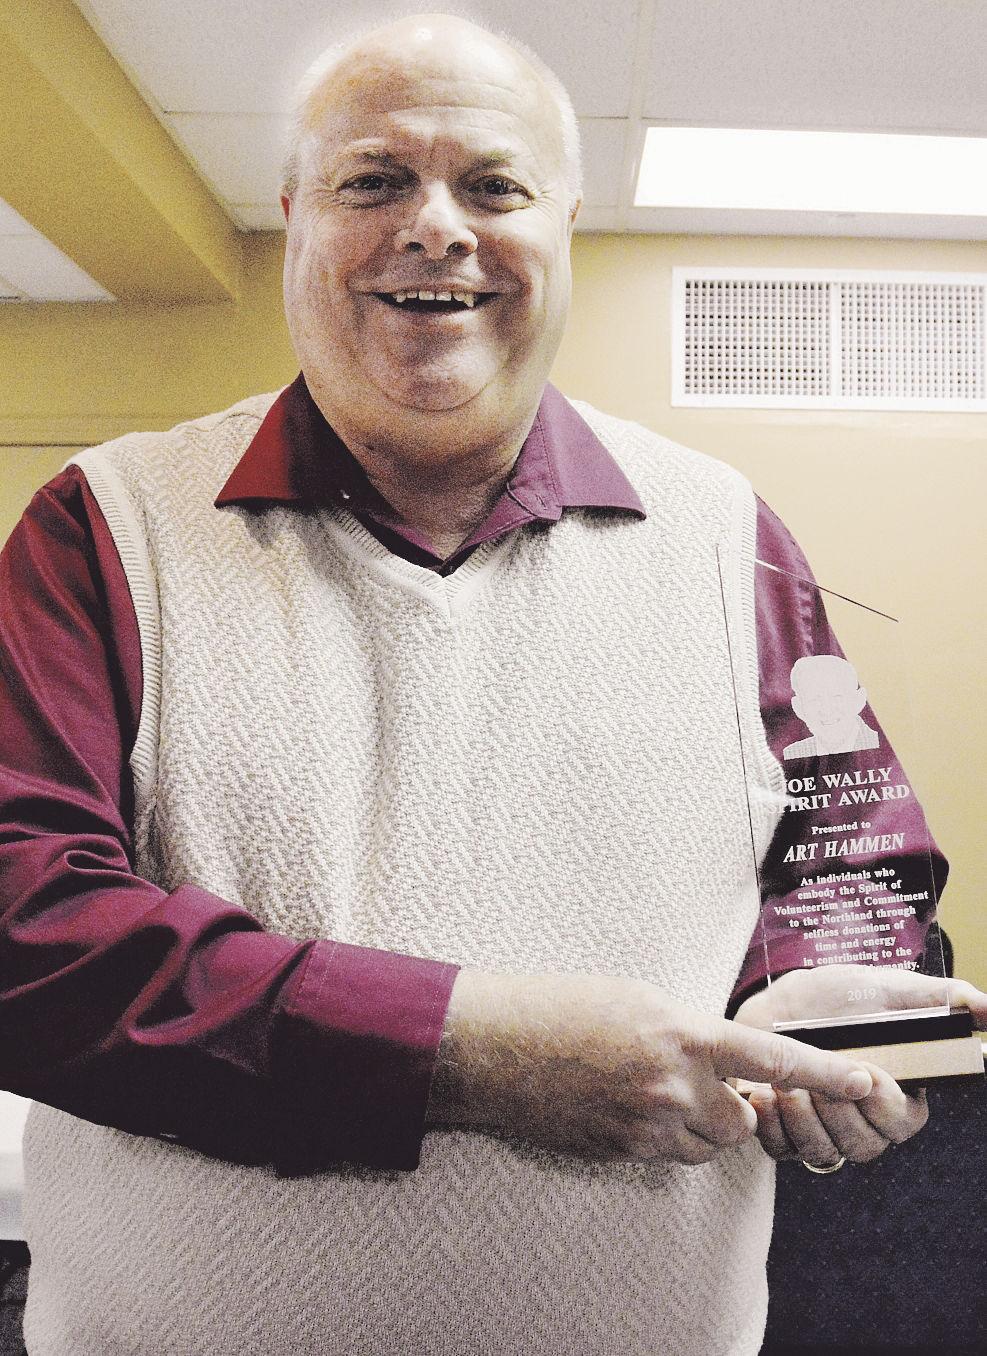 Former councilman receives Joe Wally Spirit Award